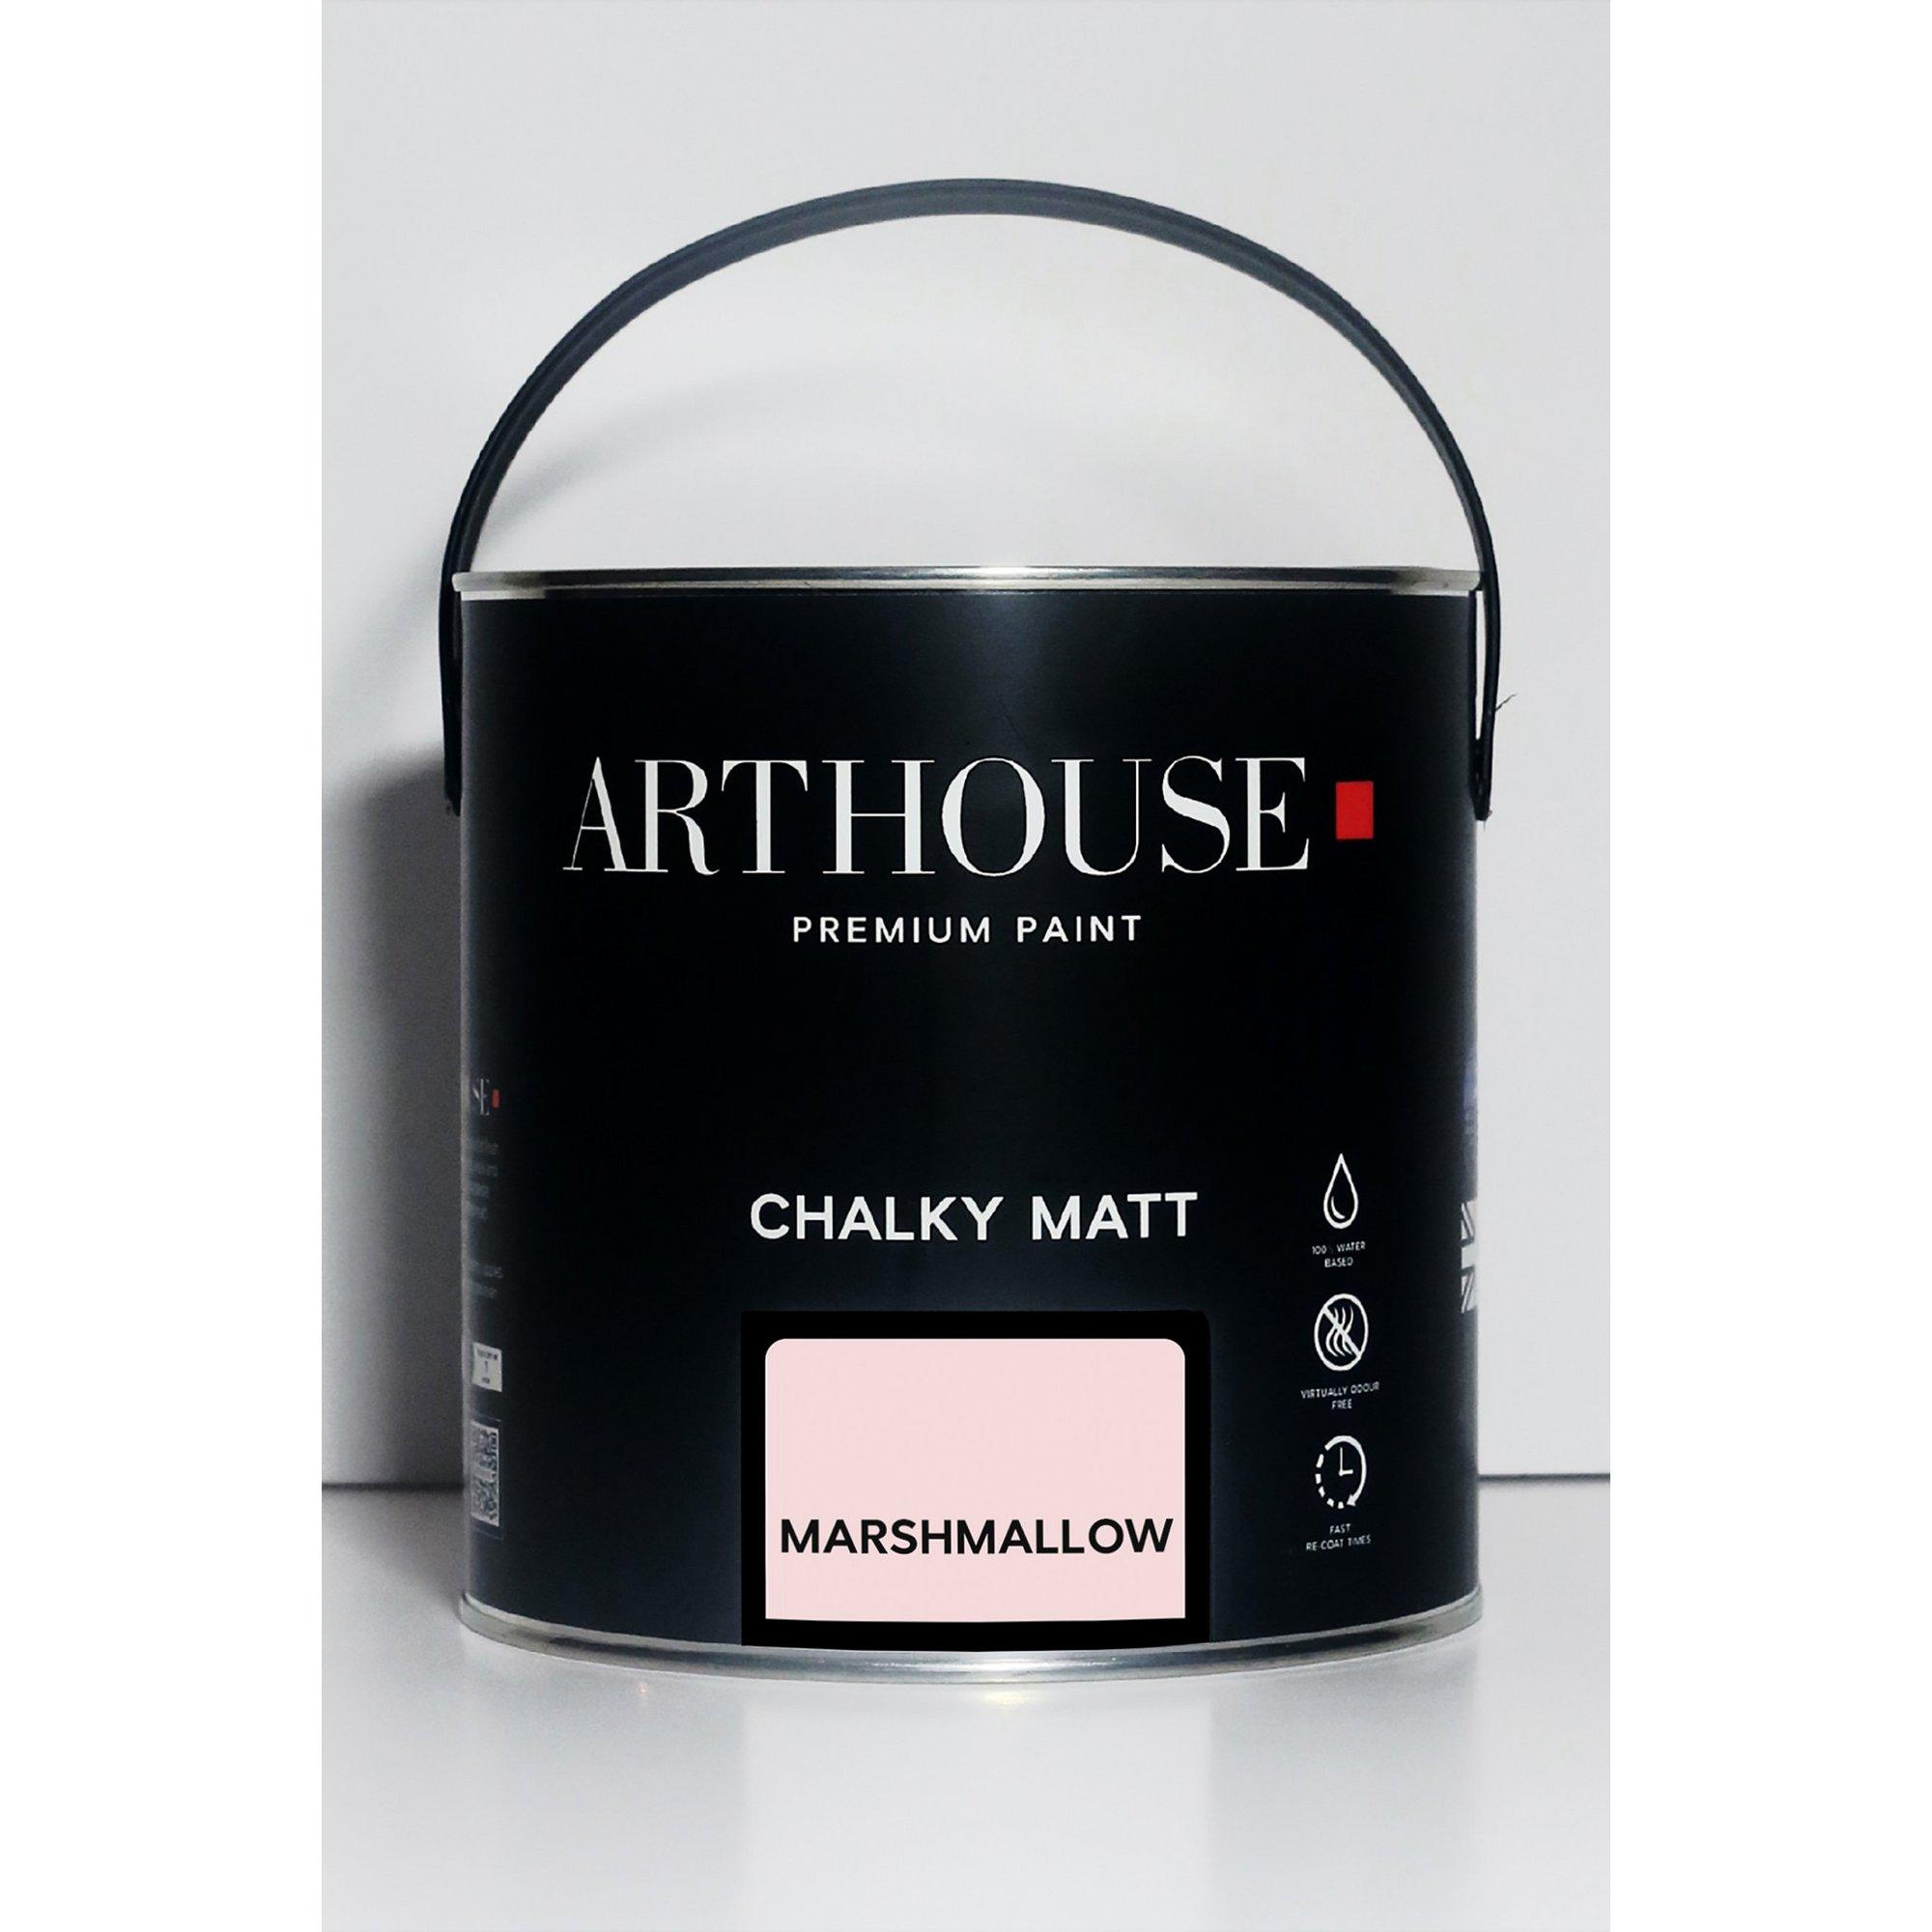 Image of Chalky Matt Marshmallow Emulsion Paint